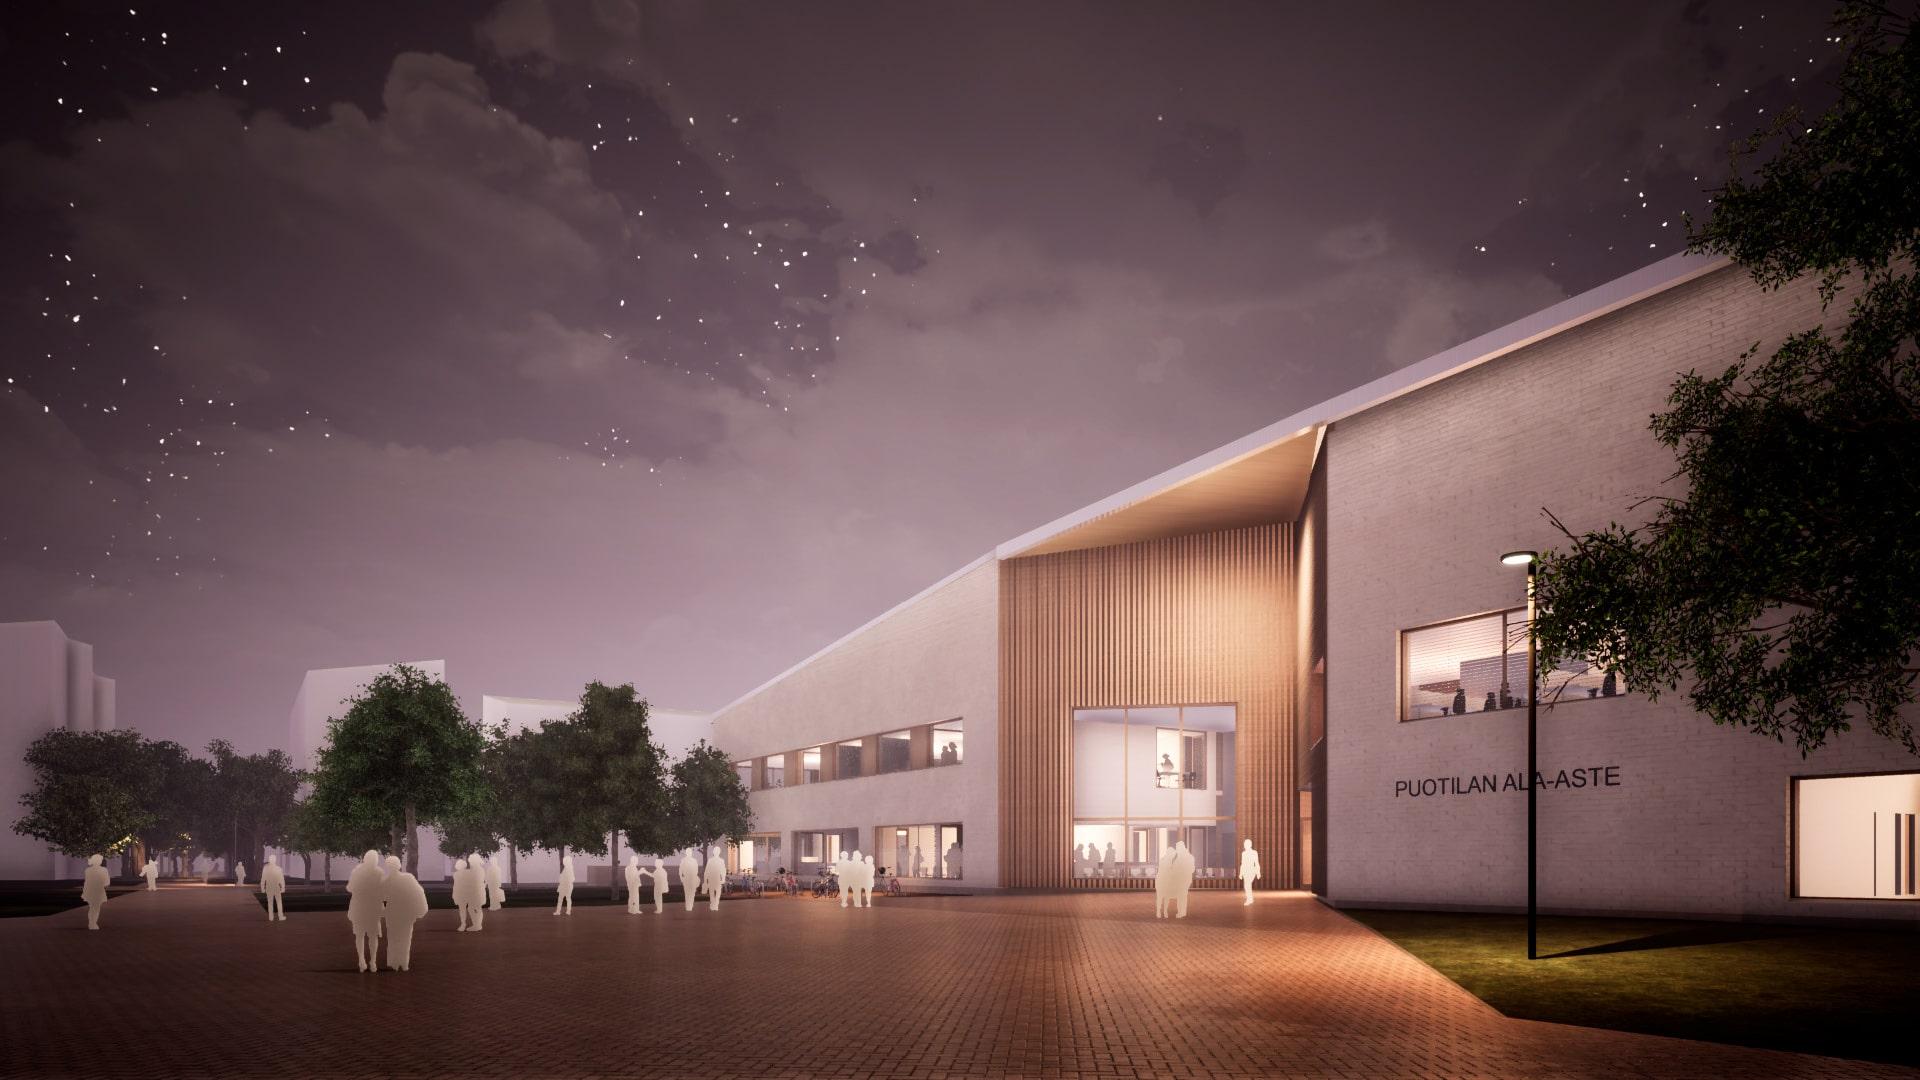 Puotilan ala-asteen tilat tuodaan kaikkien kuntalaisten käyttöön. Koulurakennuksen runko toteutetaan hiilijalanjäljeltään kompensoiduista betonielementeistä.